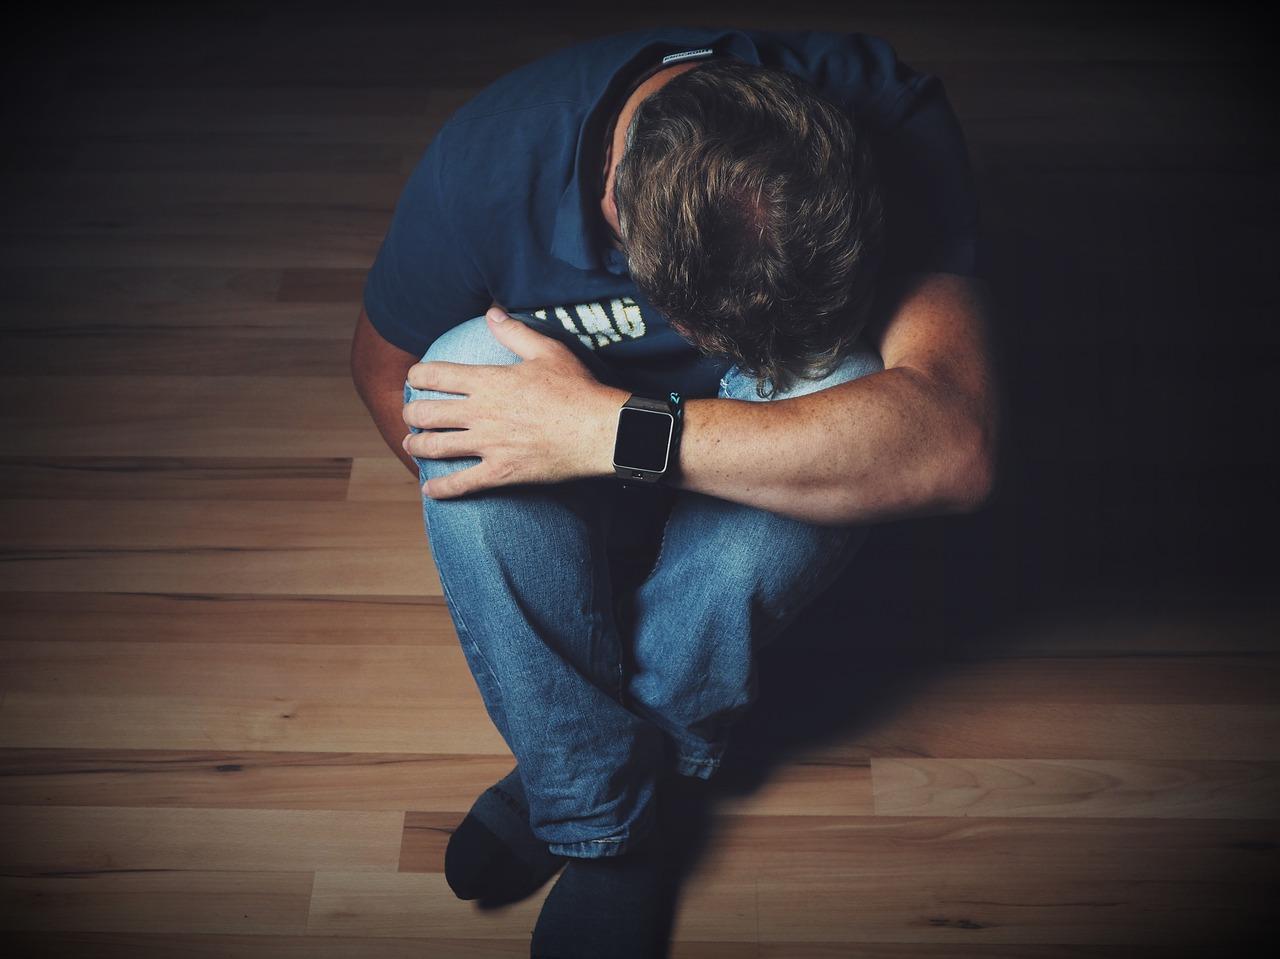 Depressão: o mal da vida moderna